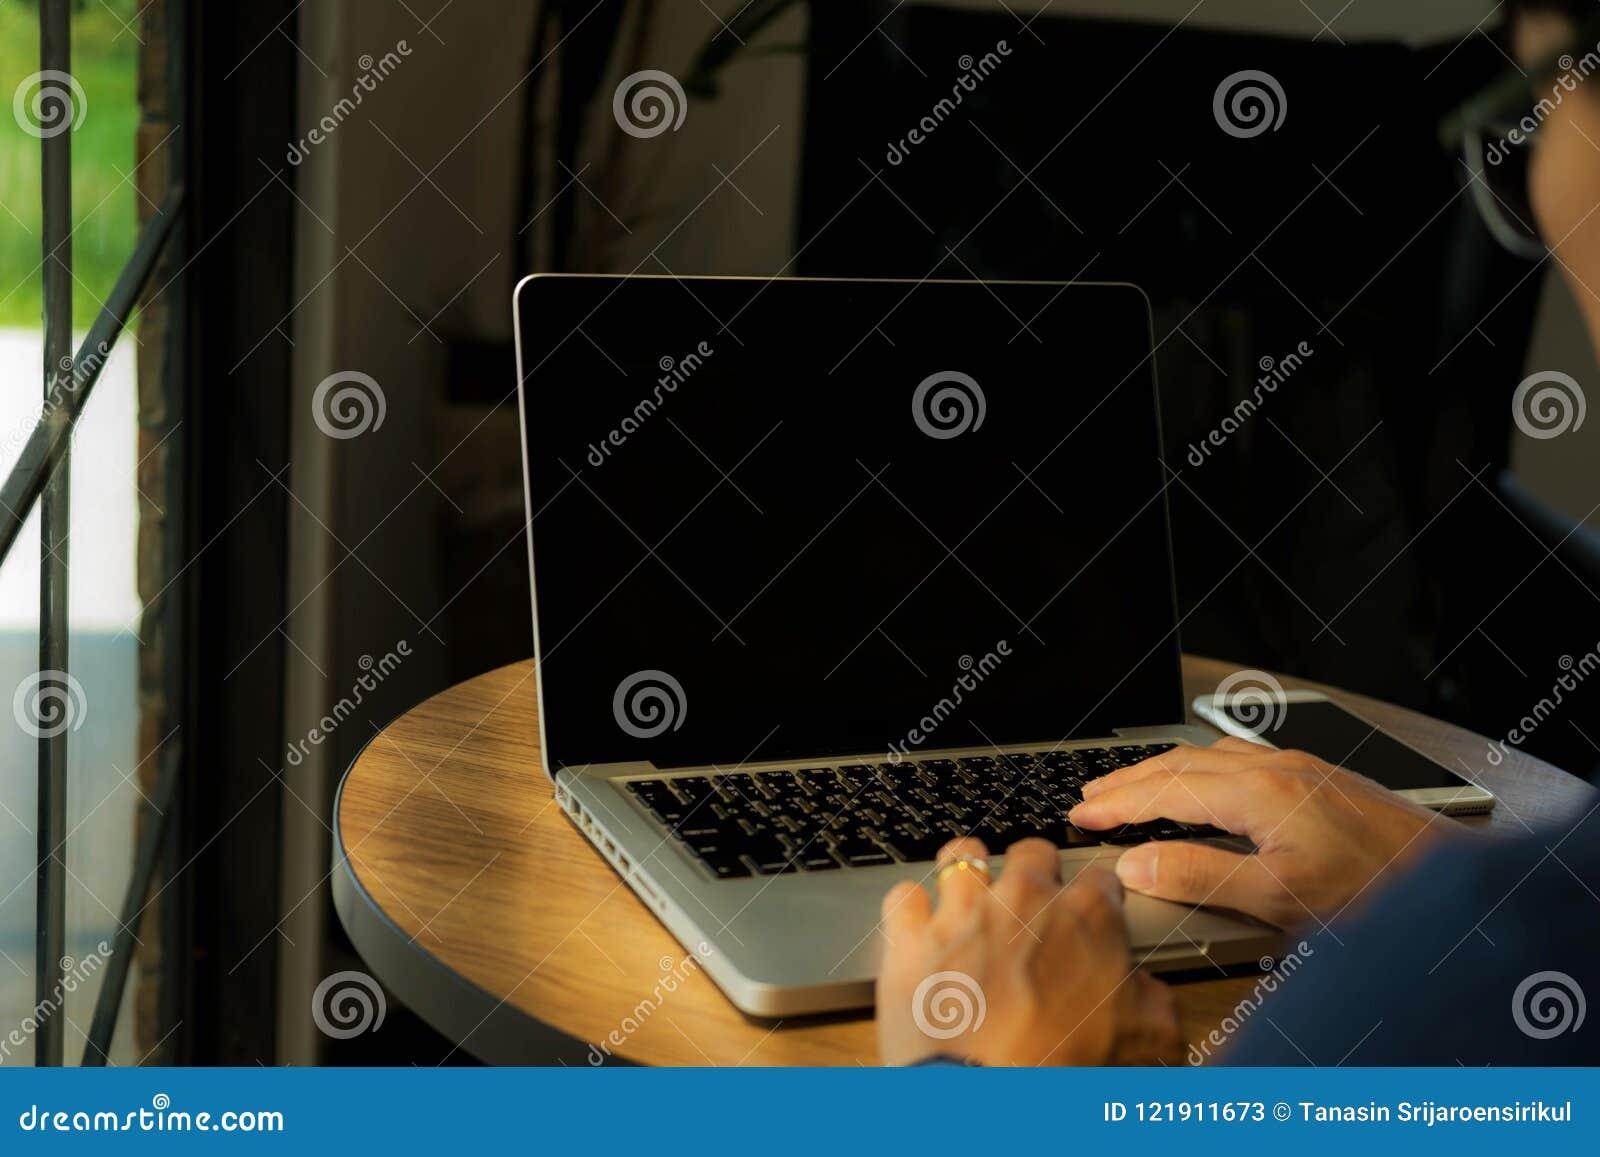 Close up hands man using laptop .